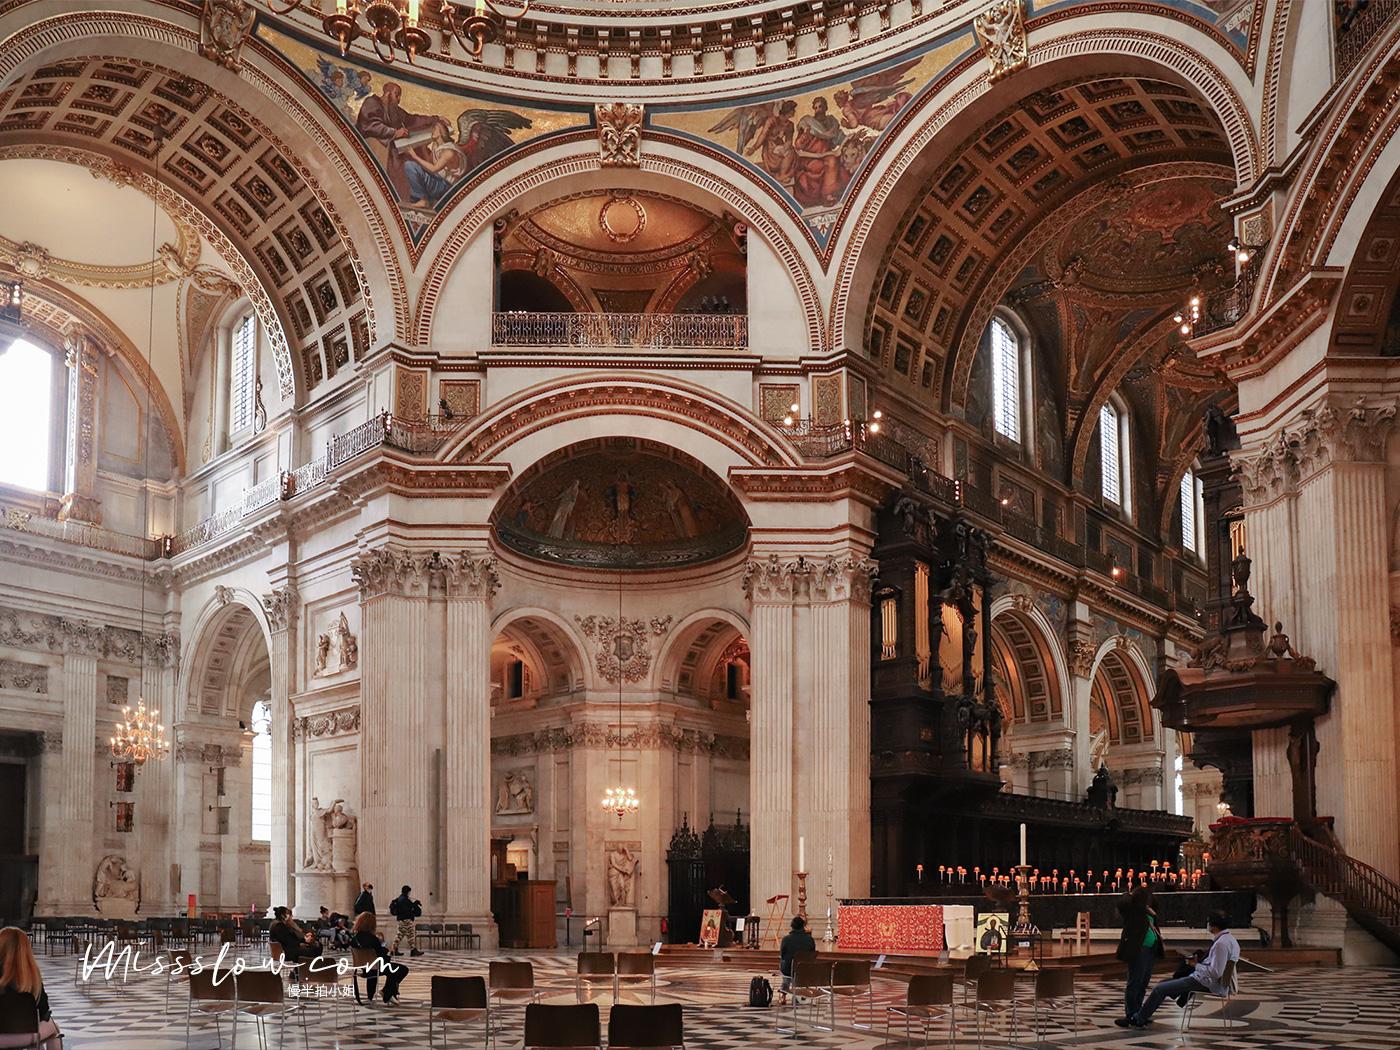 倫敦泰晤士河南岸-聖保羅大教堂